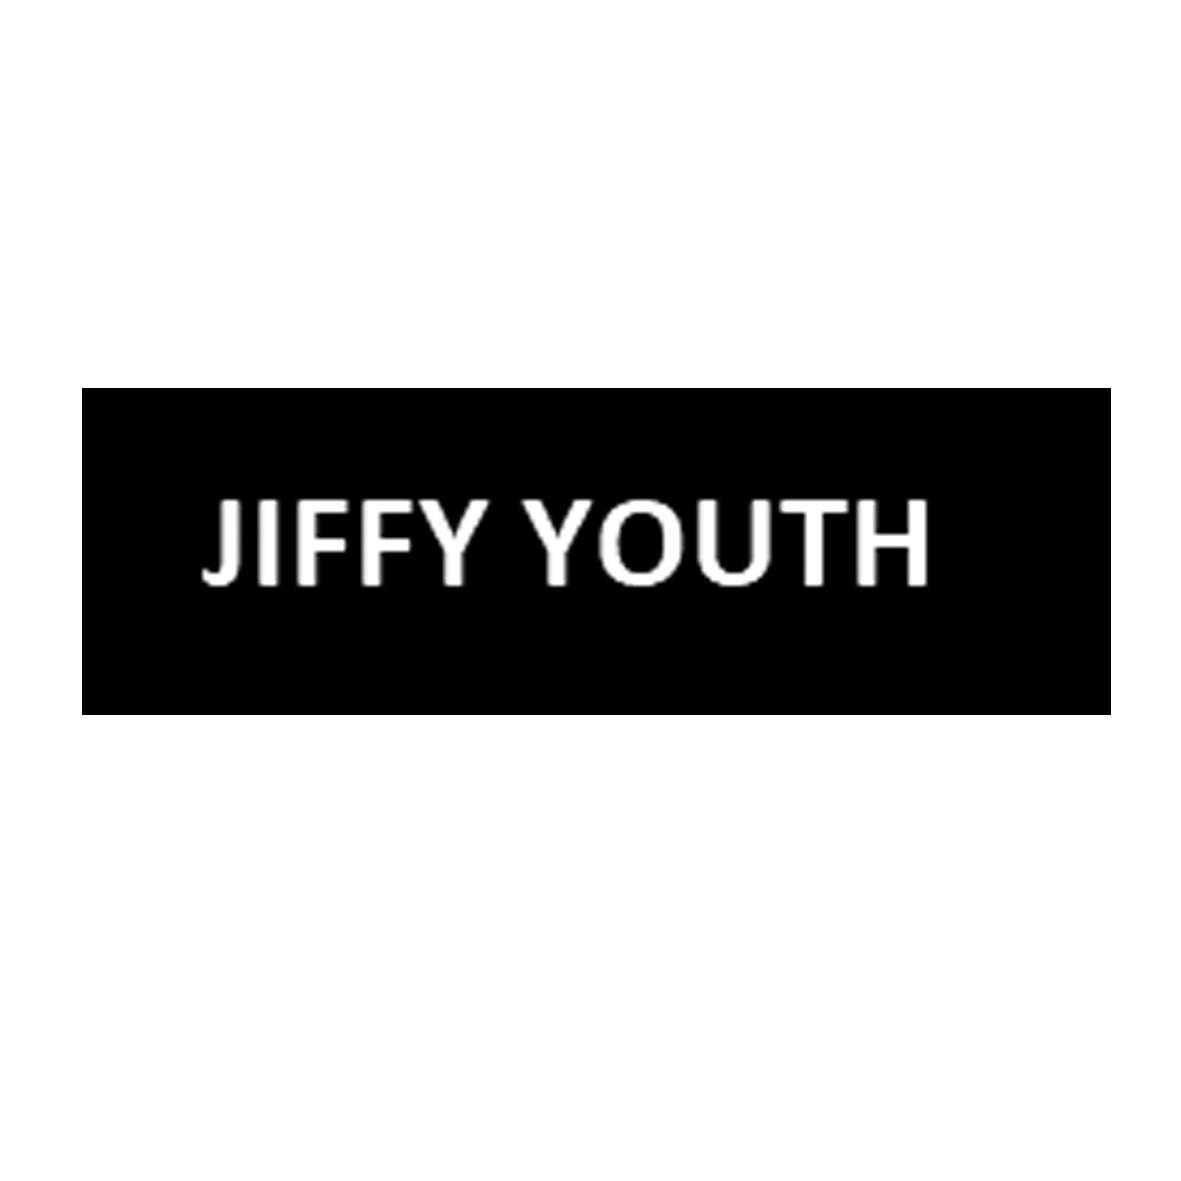 JIFFY YOUTH